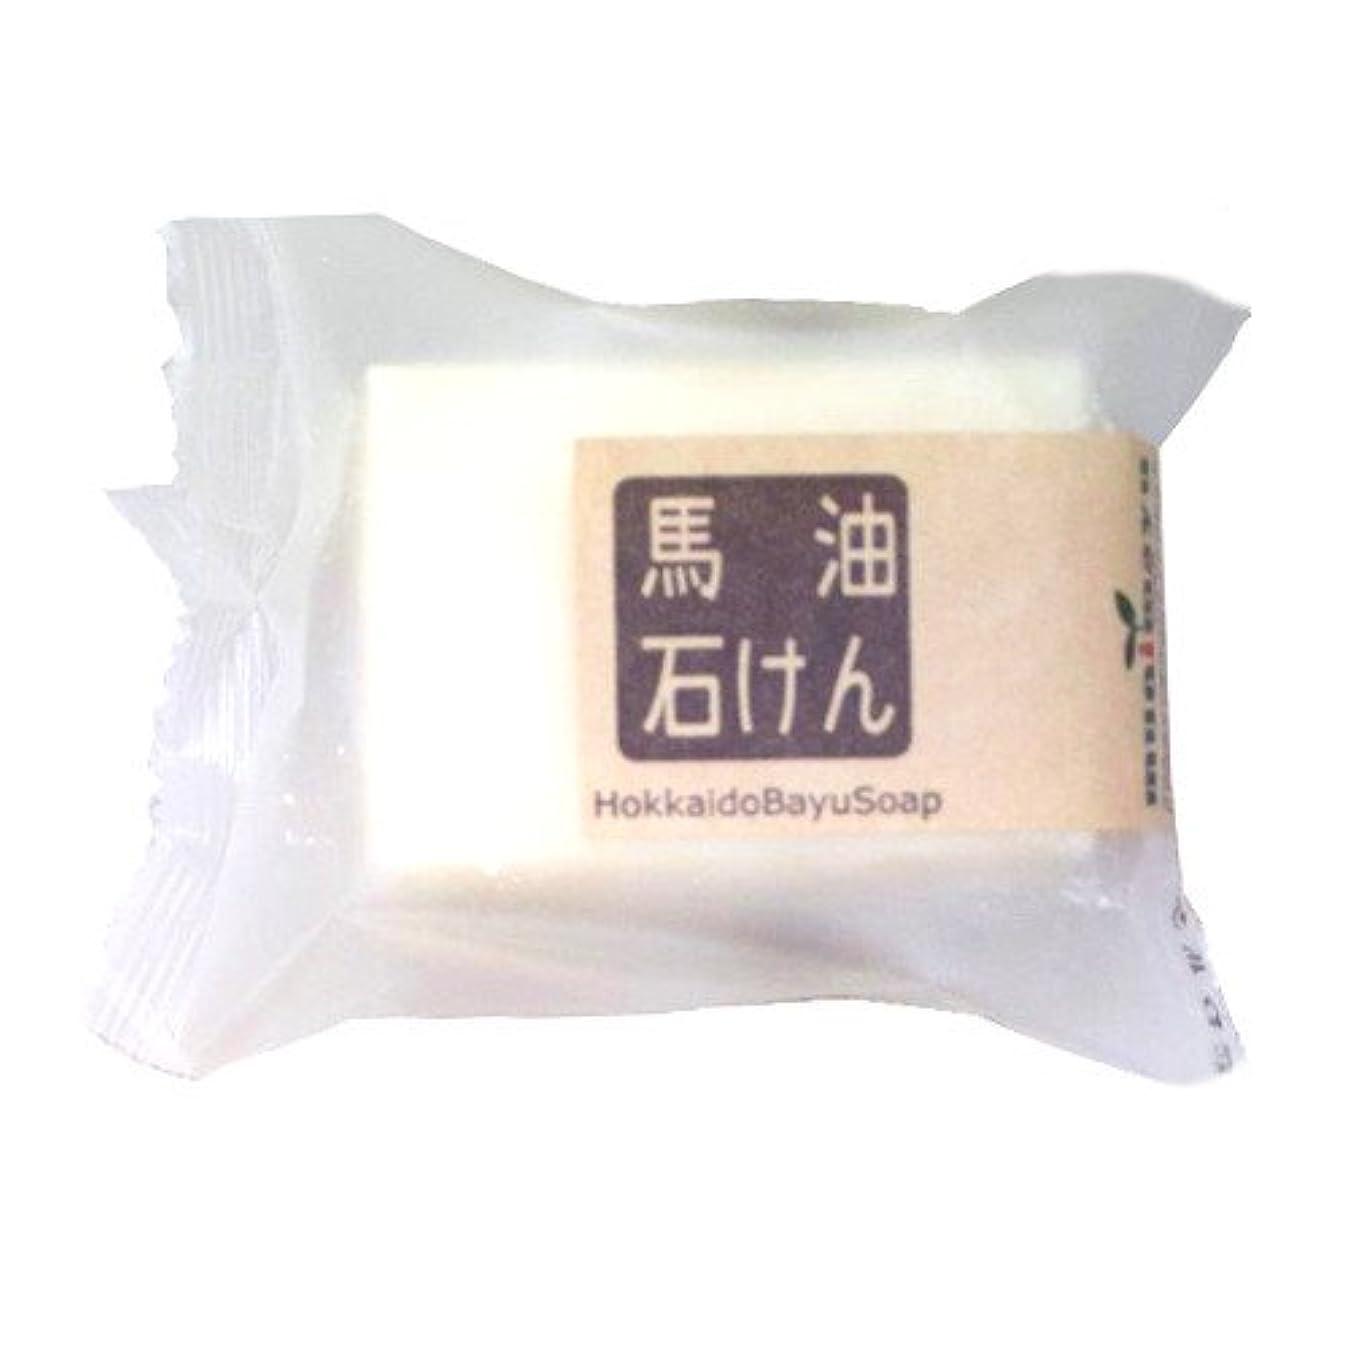 クリップ蝶実装する理由北海道馬油工房 北海道クリーミー馬油石鹸